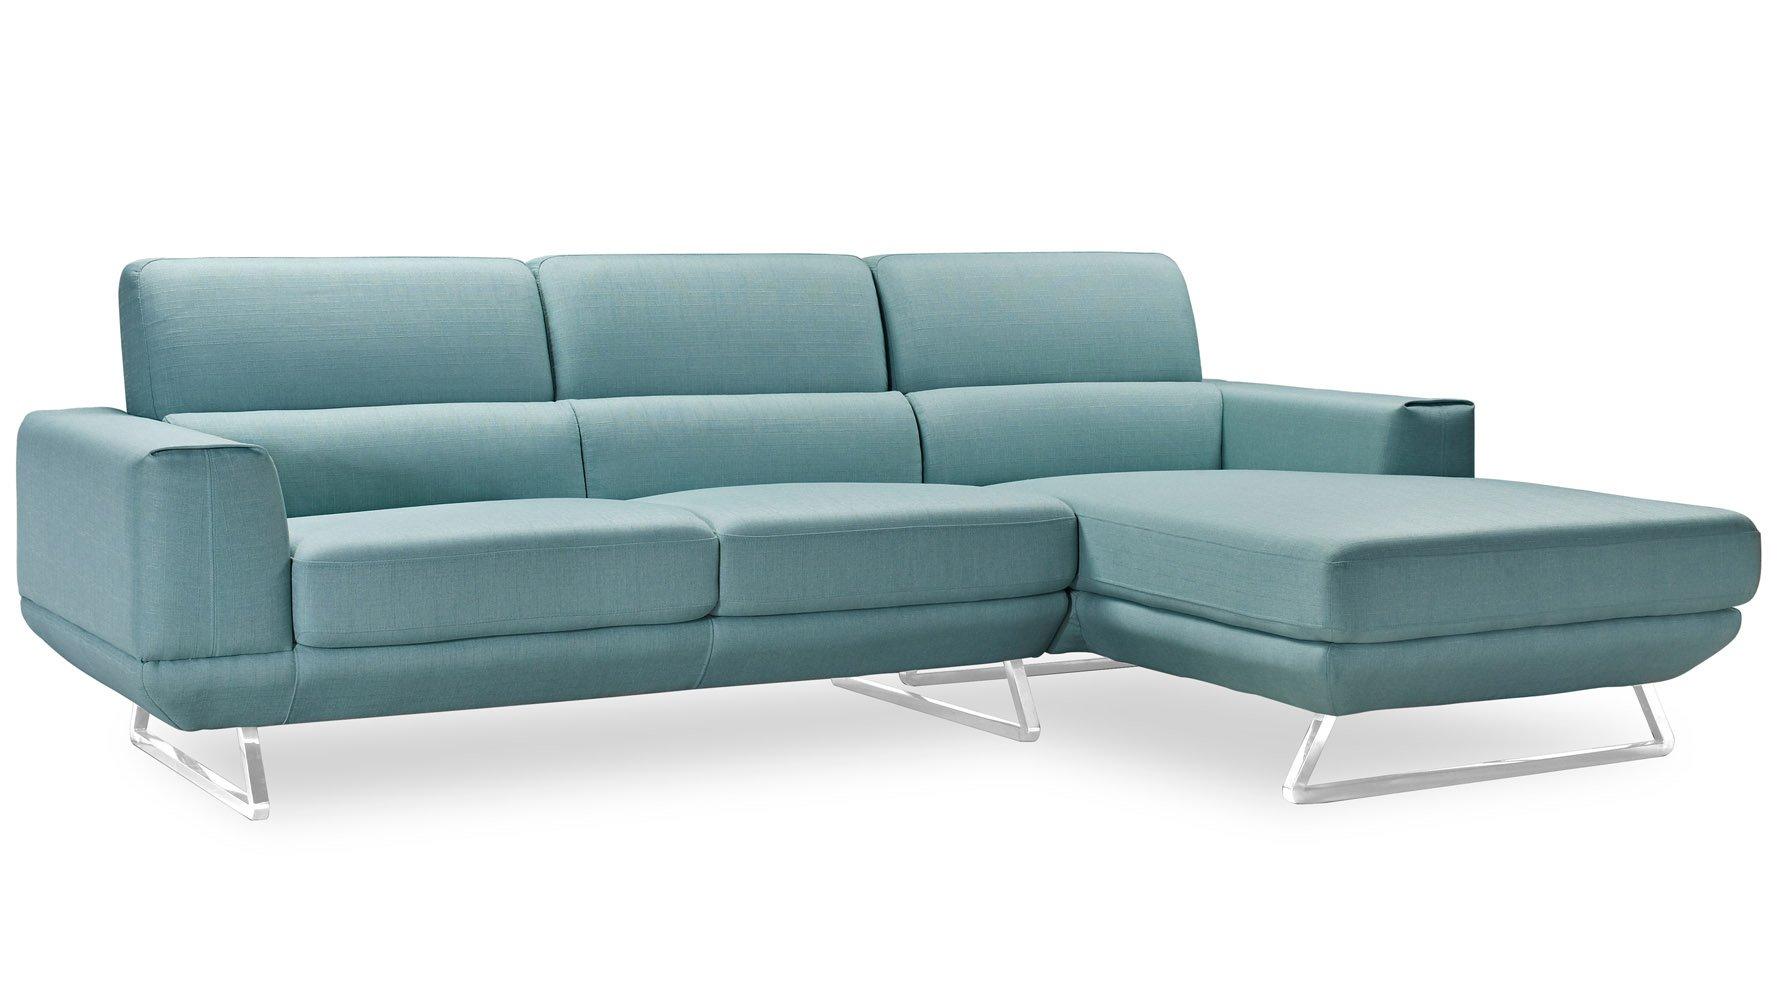 Modern Fabric Upholstered 3 Seater Kensington Sectional Sofa  ~ Kensington Upholstered Sofa